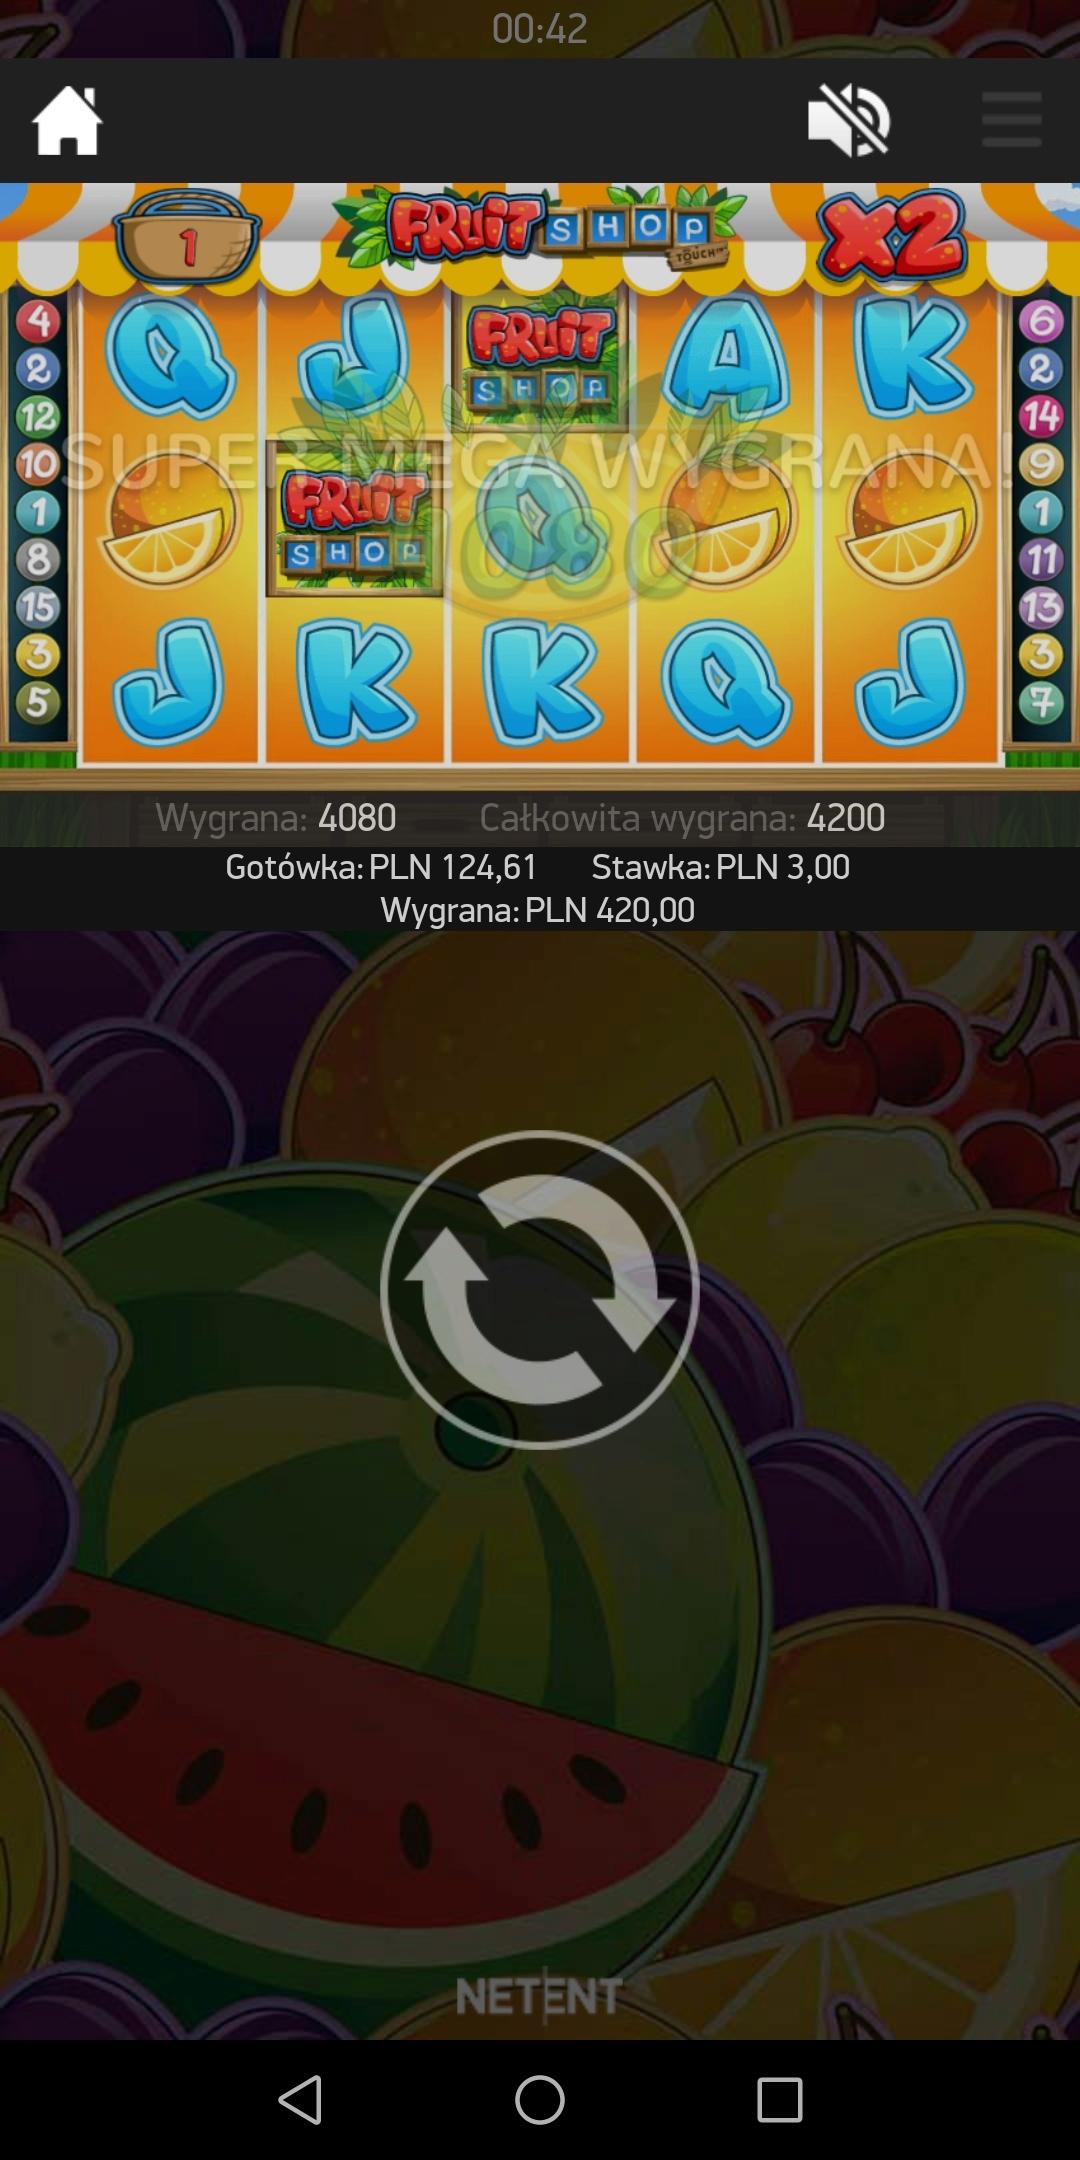 Screenshoty naszych wygranych (minimum 200zł - 50 euro) - kasyno - Page 19 Screen16